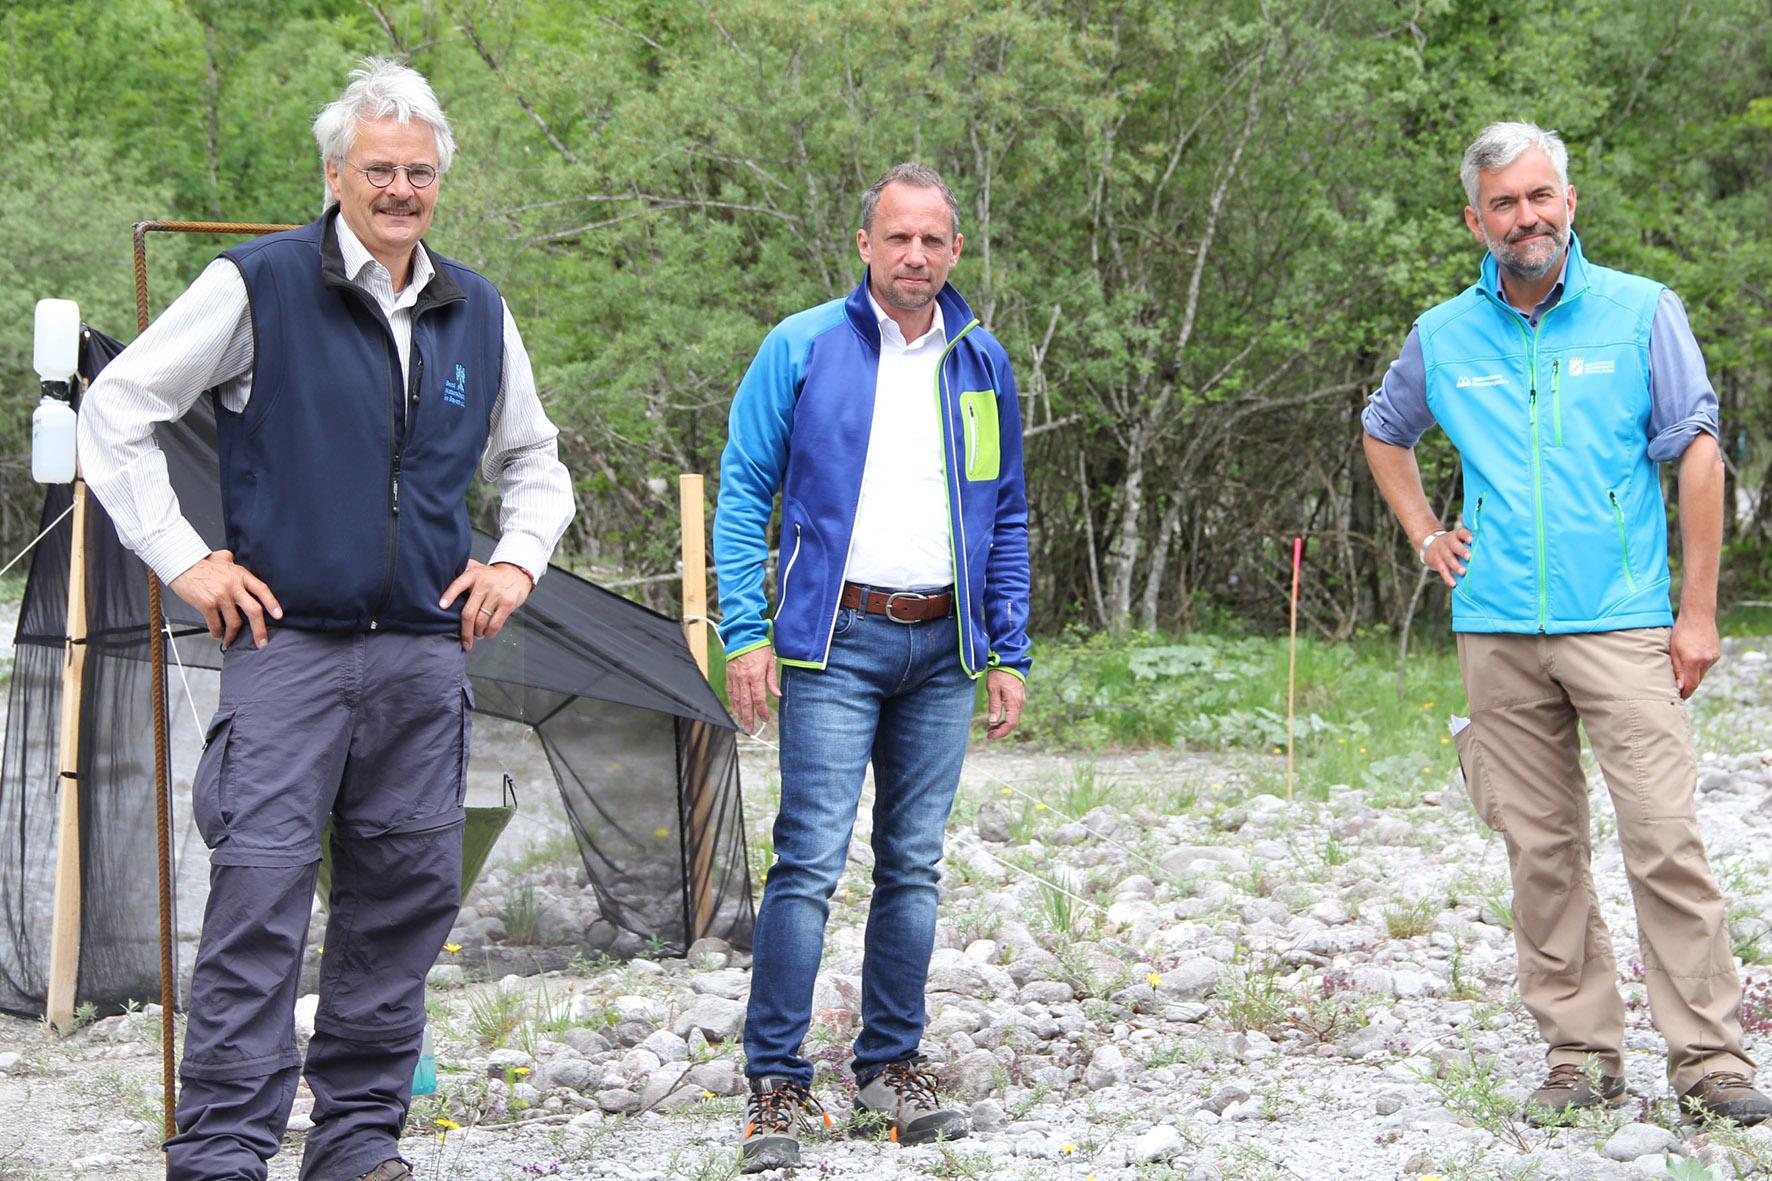 Pressebild: Richard Mergner, Vorsitzender des Bund Naturschutz in Bayern, der Bayerische Umweltminister Thorsten Glauber und Nationalparkleiter Dr. Roland Baier (v.l.) trafen sich anl��sslich des Jubil��ums ���100 Jahre Naturschutzgebiet K��nigssee��� zu einer Festveranstaltung im Nationalpark Berchtesgaden.